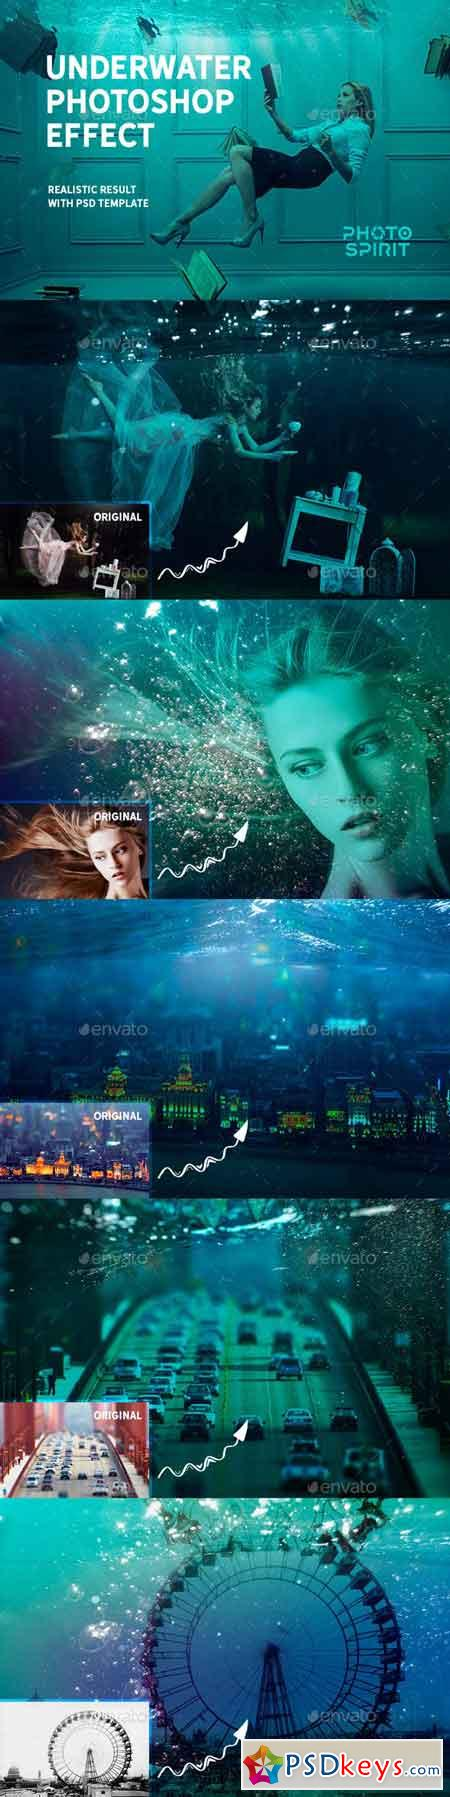 Underwater Photoshop Effect 23023459